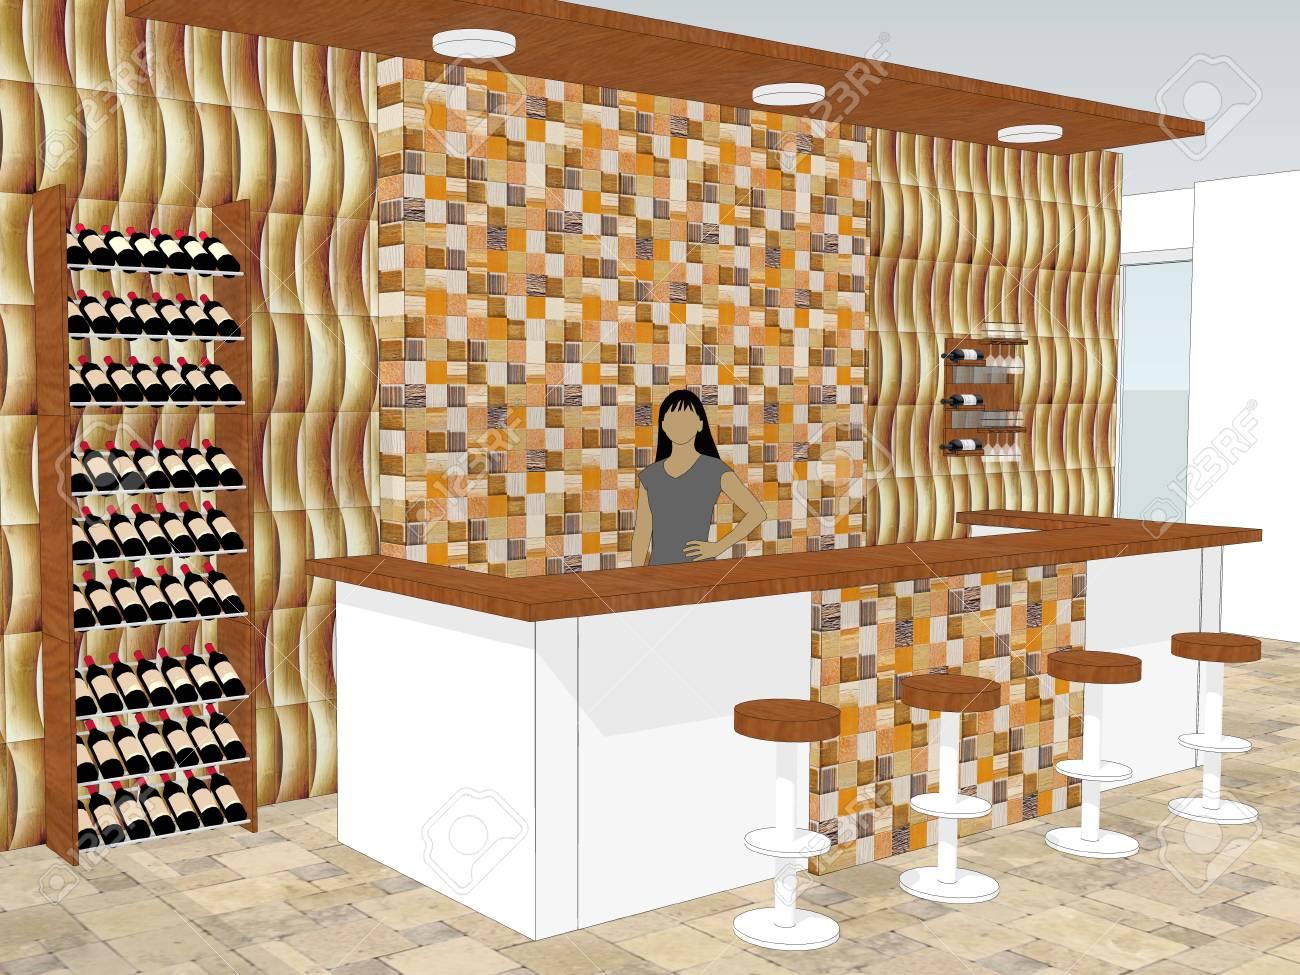 Vue De Bar Cafe Est Debout Dans Un Magasin Avec Des Meubles De Bureau En Bois Dans Le Fond Illustration 3d